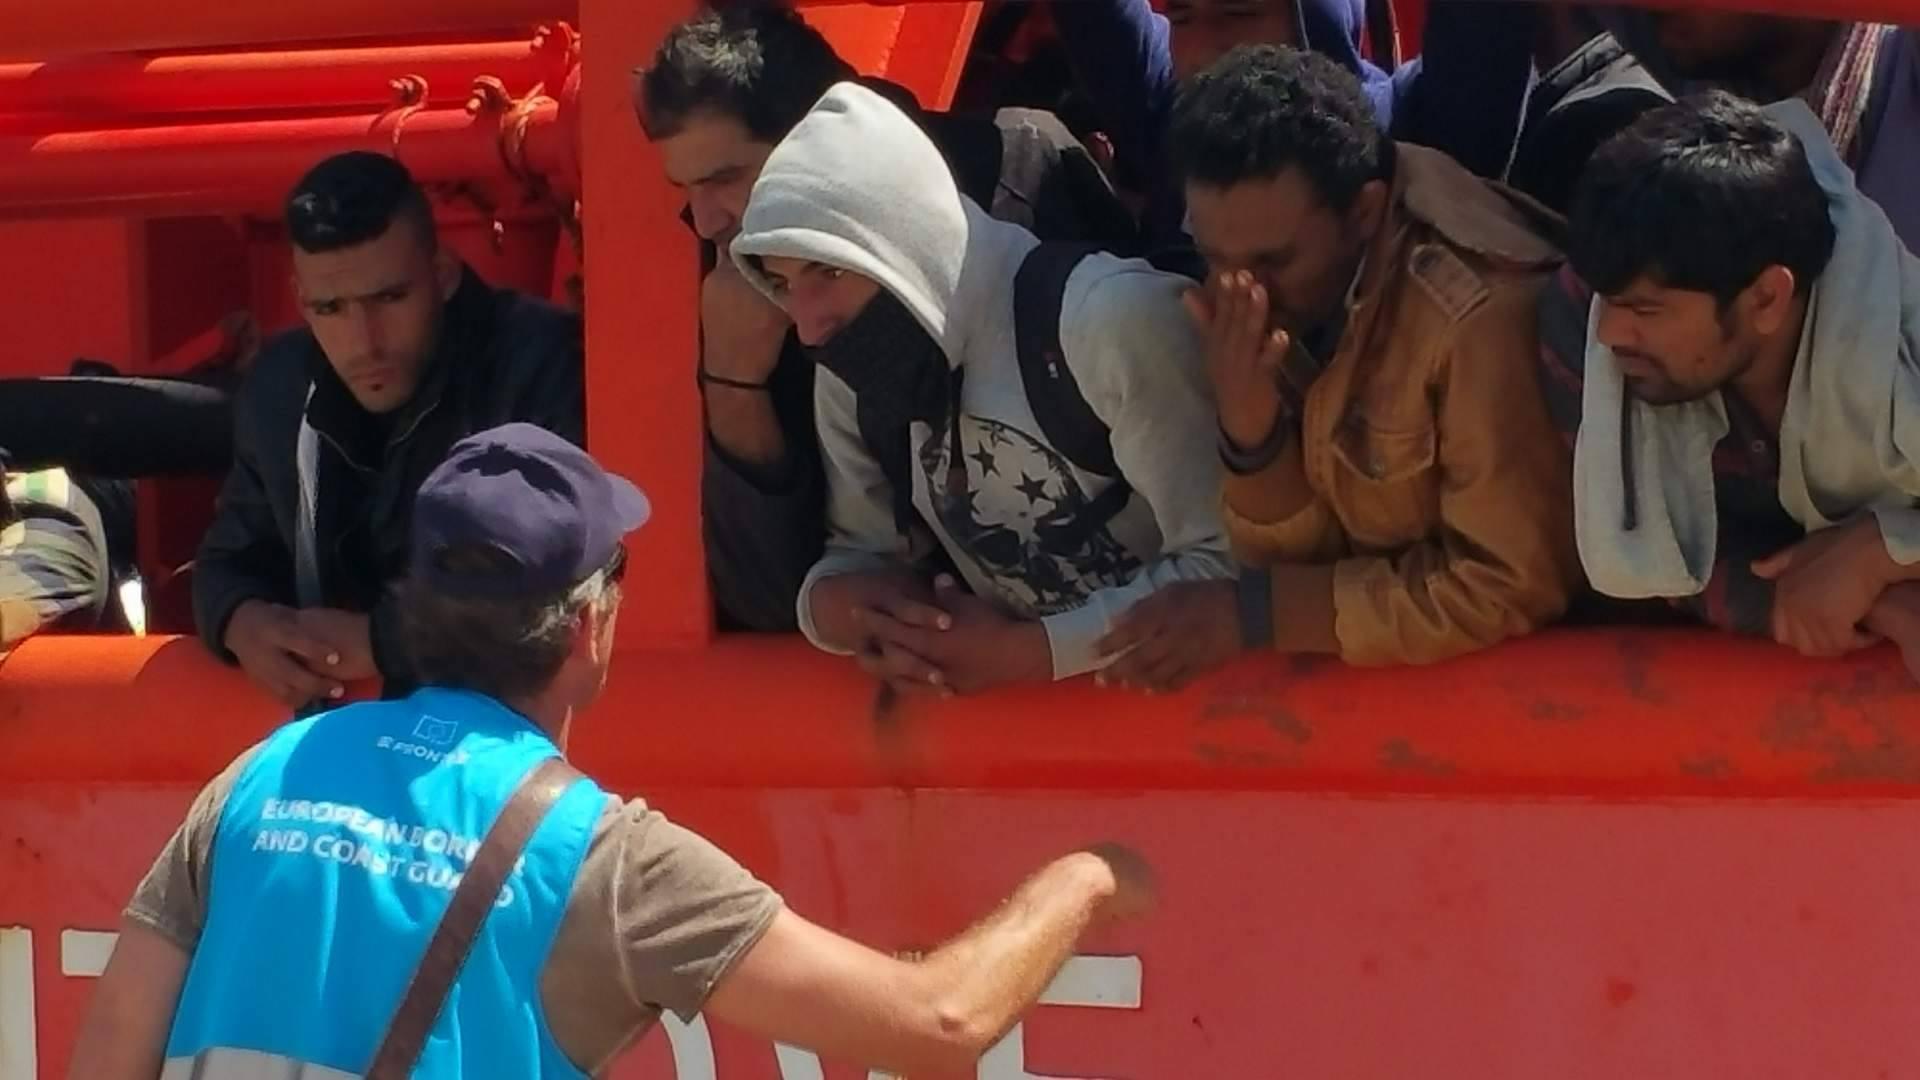 VIDEO - Maxi sbarco di immigrati a Vibo Valentia: oltre 1600 persone